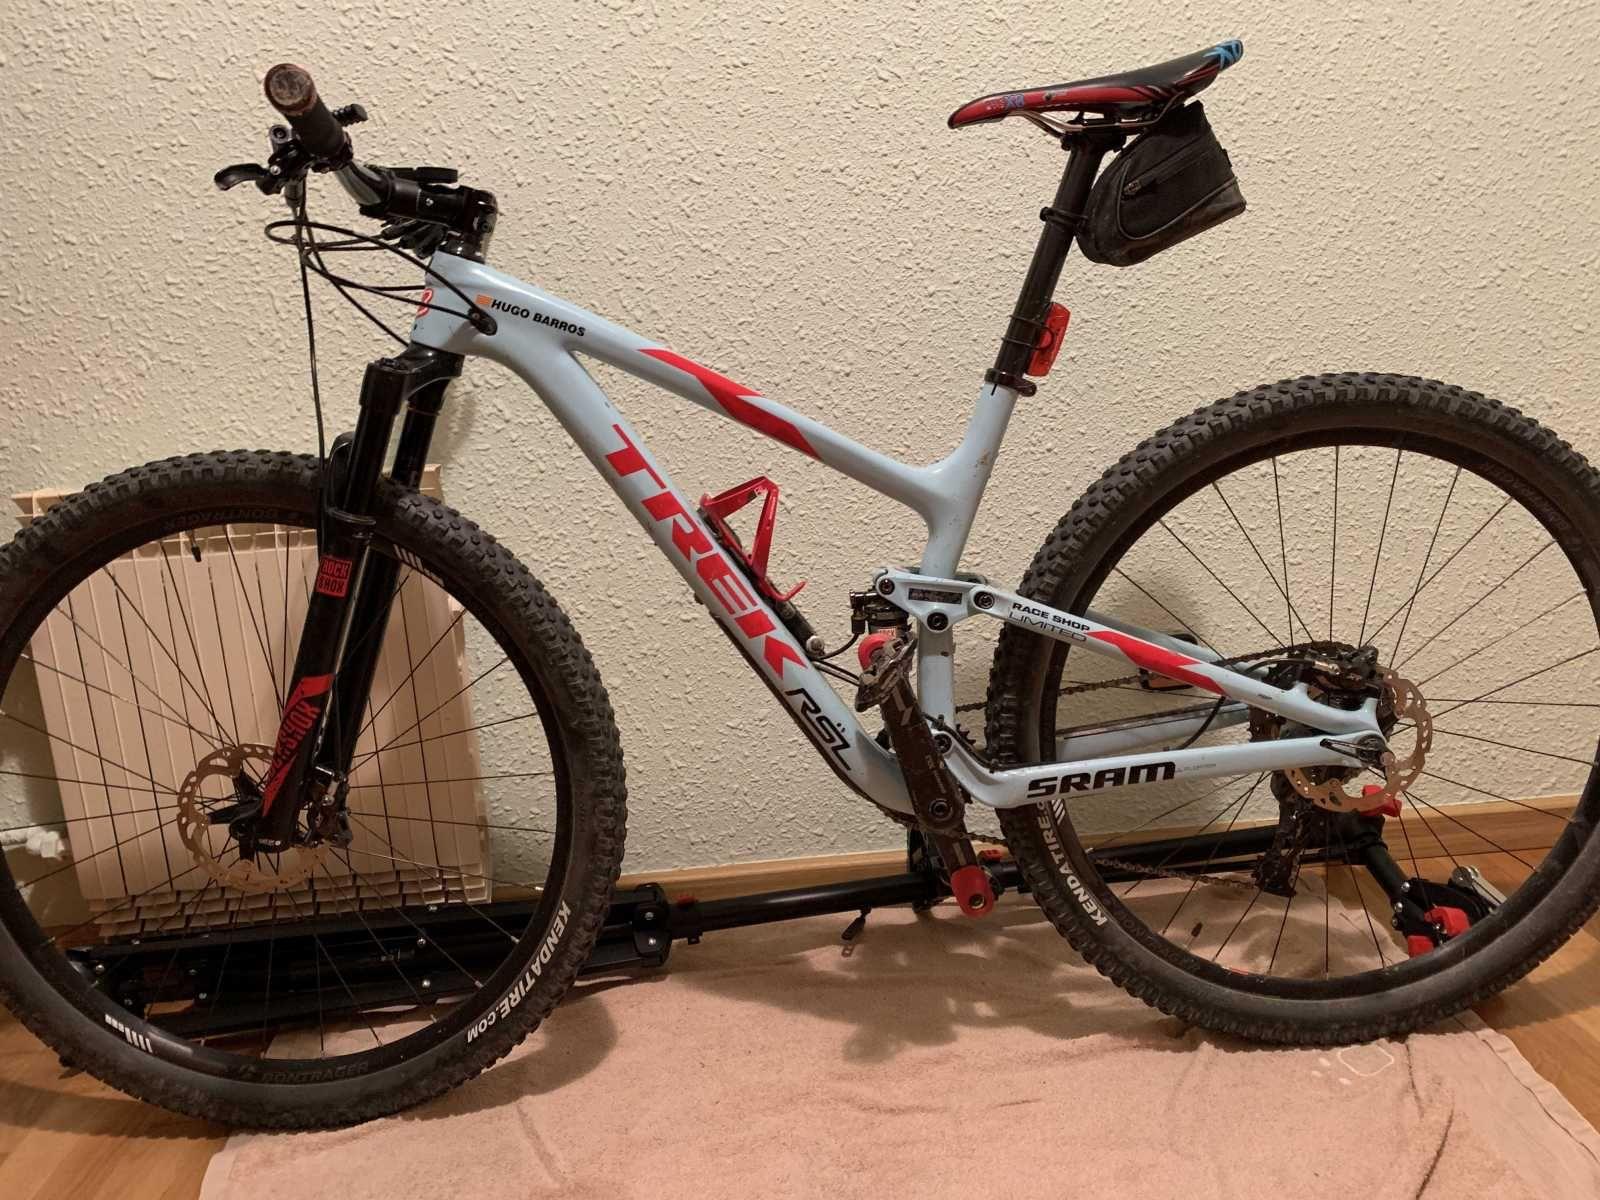 Bicicleta De Montaña Trek Top Fuel Ref 43790 Talla M Año 2016 Cambio Sram X0 Cuadro De Carbono Suspensión Dobl Bicicletas Bicicletas Trek Bicicletas Mtb